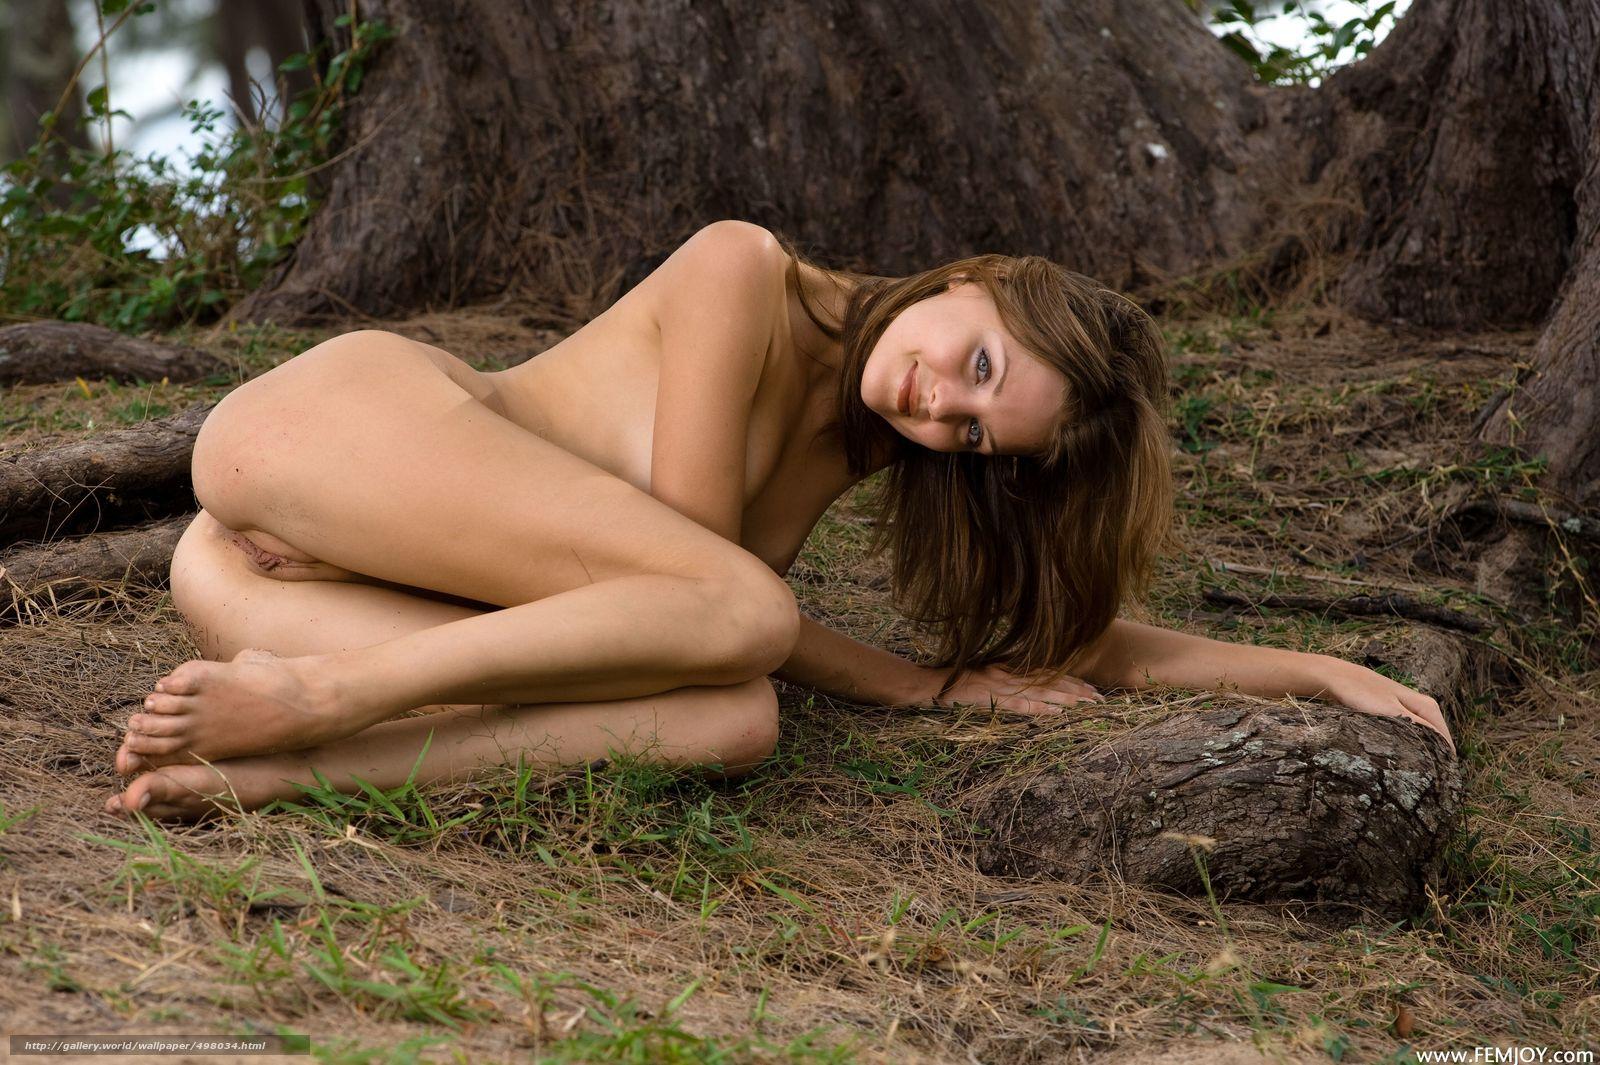 Эротика в лесу смотреть 16 фотография